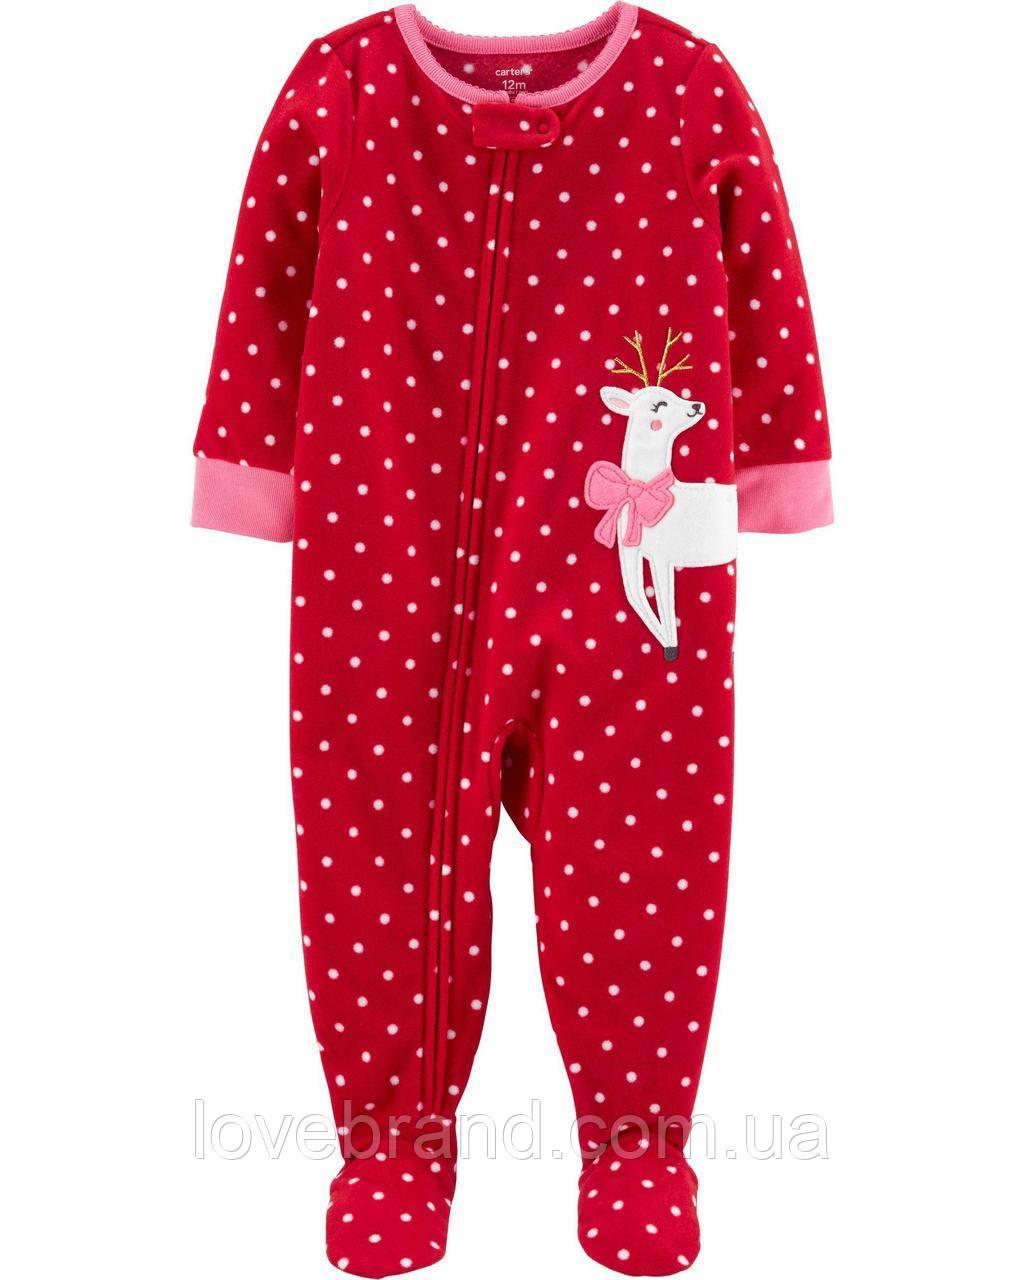 """Флисовый слип для девочки Carter's """"Олень"""" красная флисовый человечек с ножками 12 мес/72-78 см"""